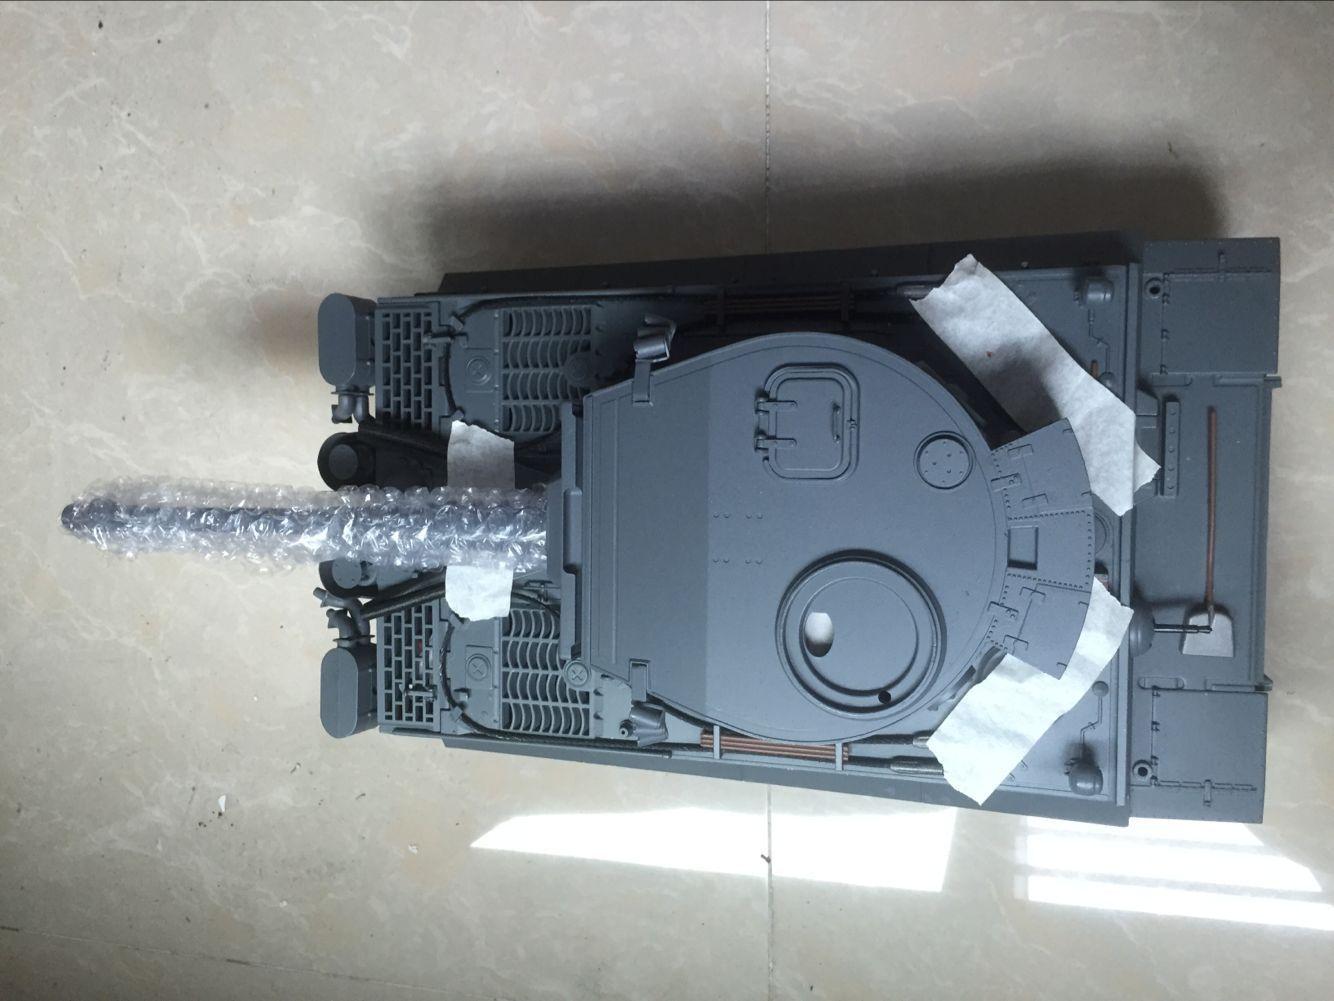 Mato 1  16 tutti Metal Geruomo Tiger I RC Tank KIT Infrarosso grigio Coloree modello 1220  confortevole